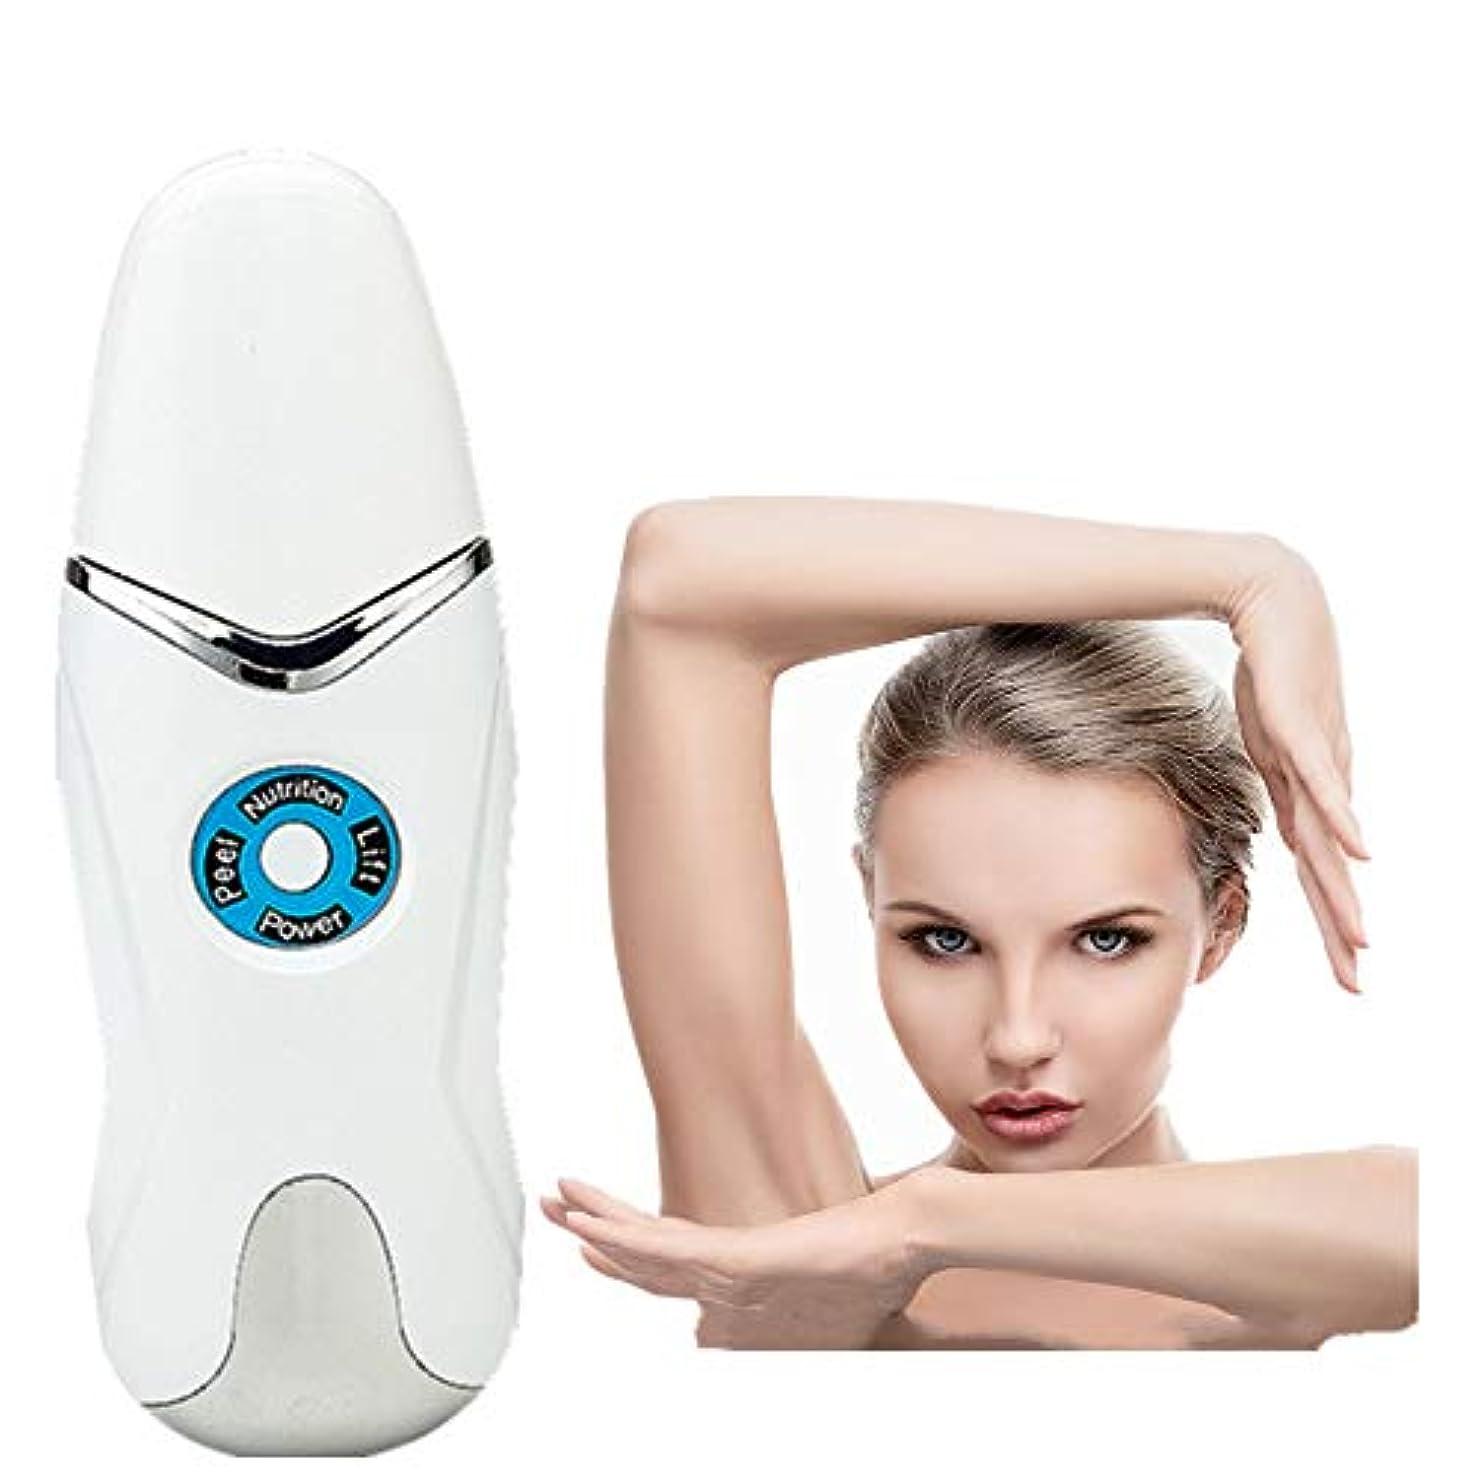 食用視聴者ピック顔の皮膚スクラバーブラックヘッドリムーバー毛穴充電式スキンスクラバー光子の若返り美容皮膚クリーナーUSB充電式美容ツールEMSクリーニングイオン導入モードホワイト